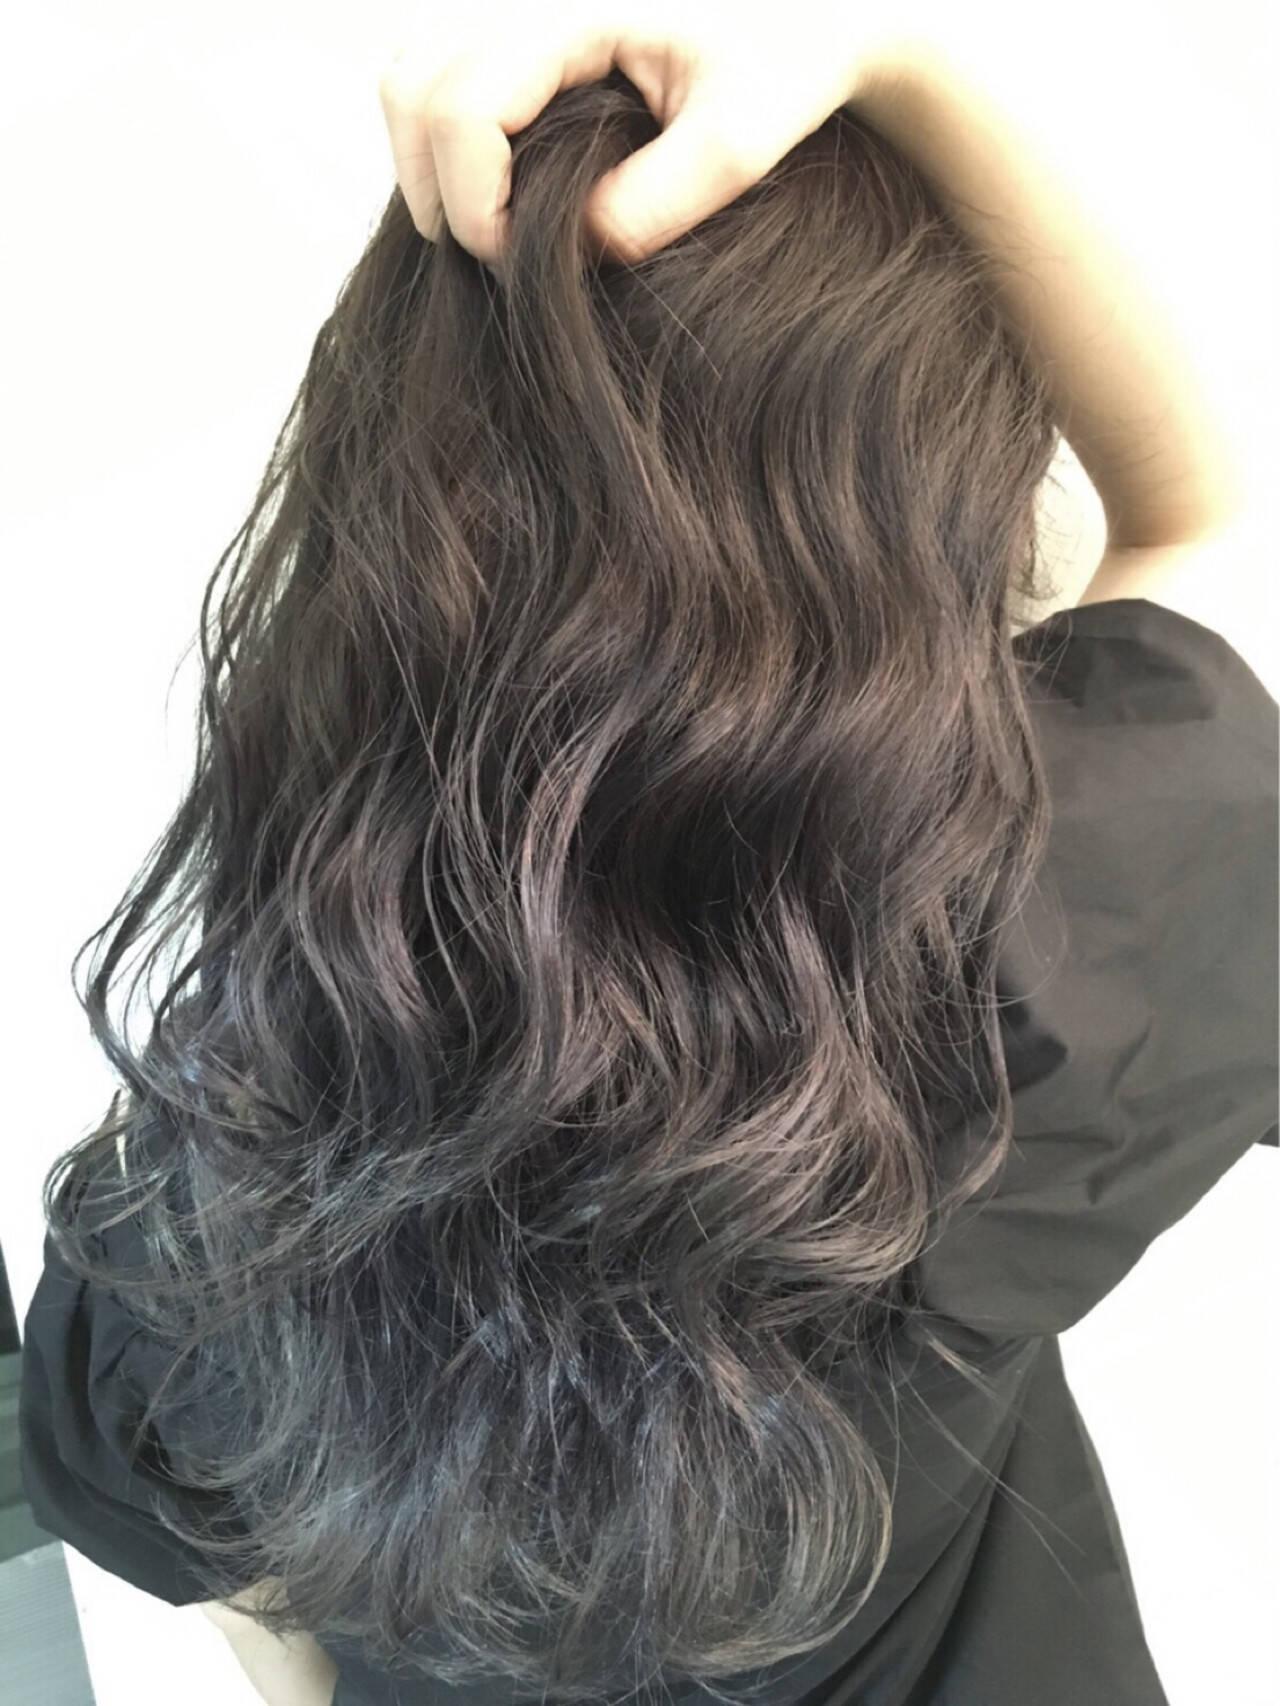 ストリート アッシュグレージュ 外国人風カラー イルミナカラーヘアスタイルや髪型の写真・画像